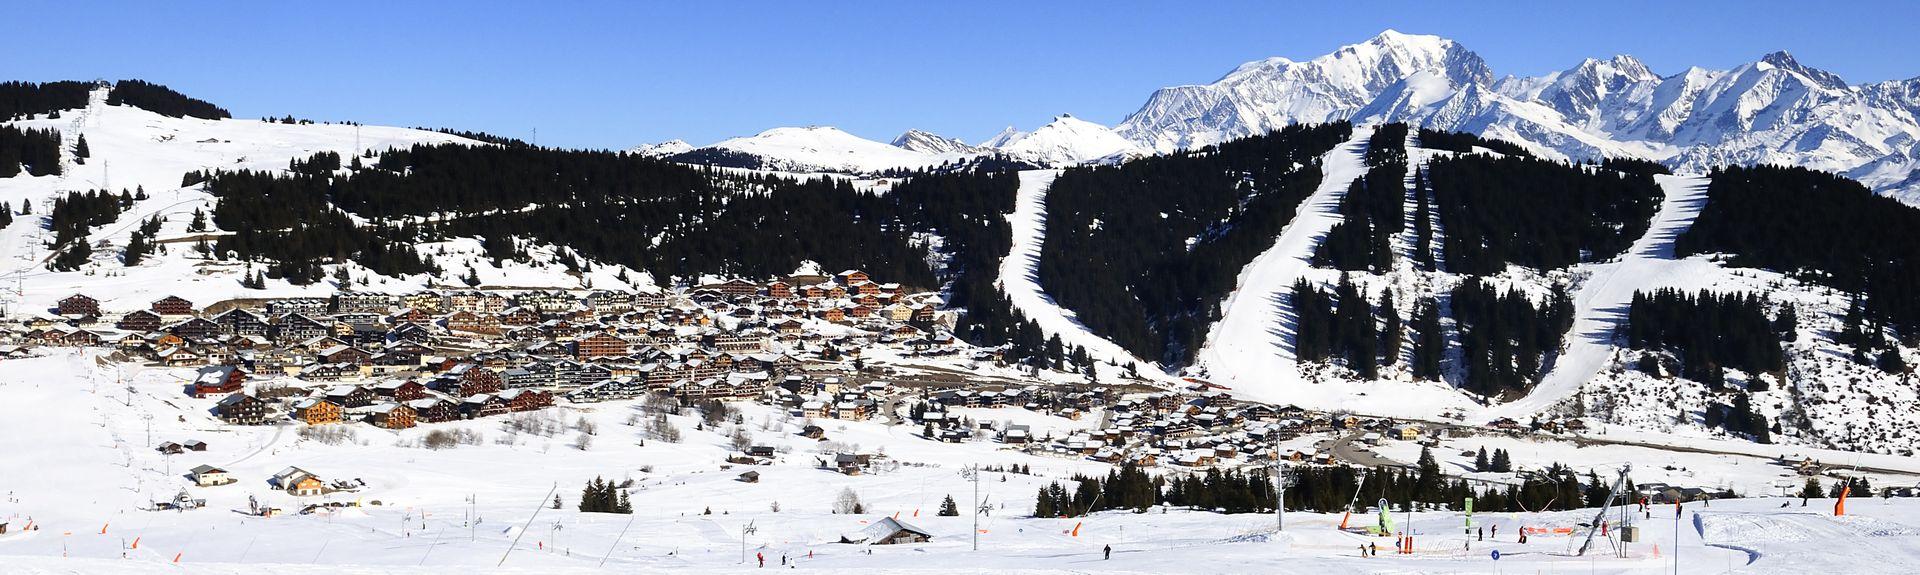 Les Saisies, Savoie (Département), Frankreich